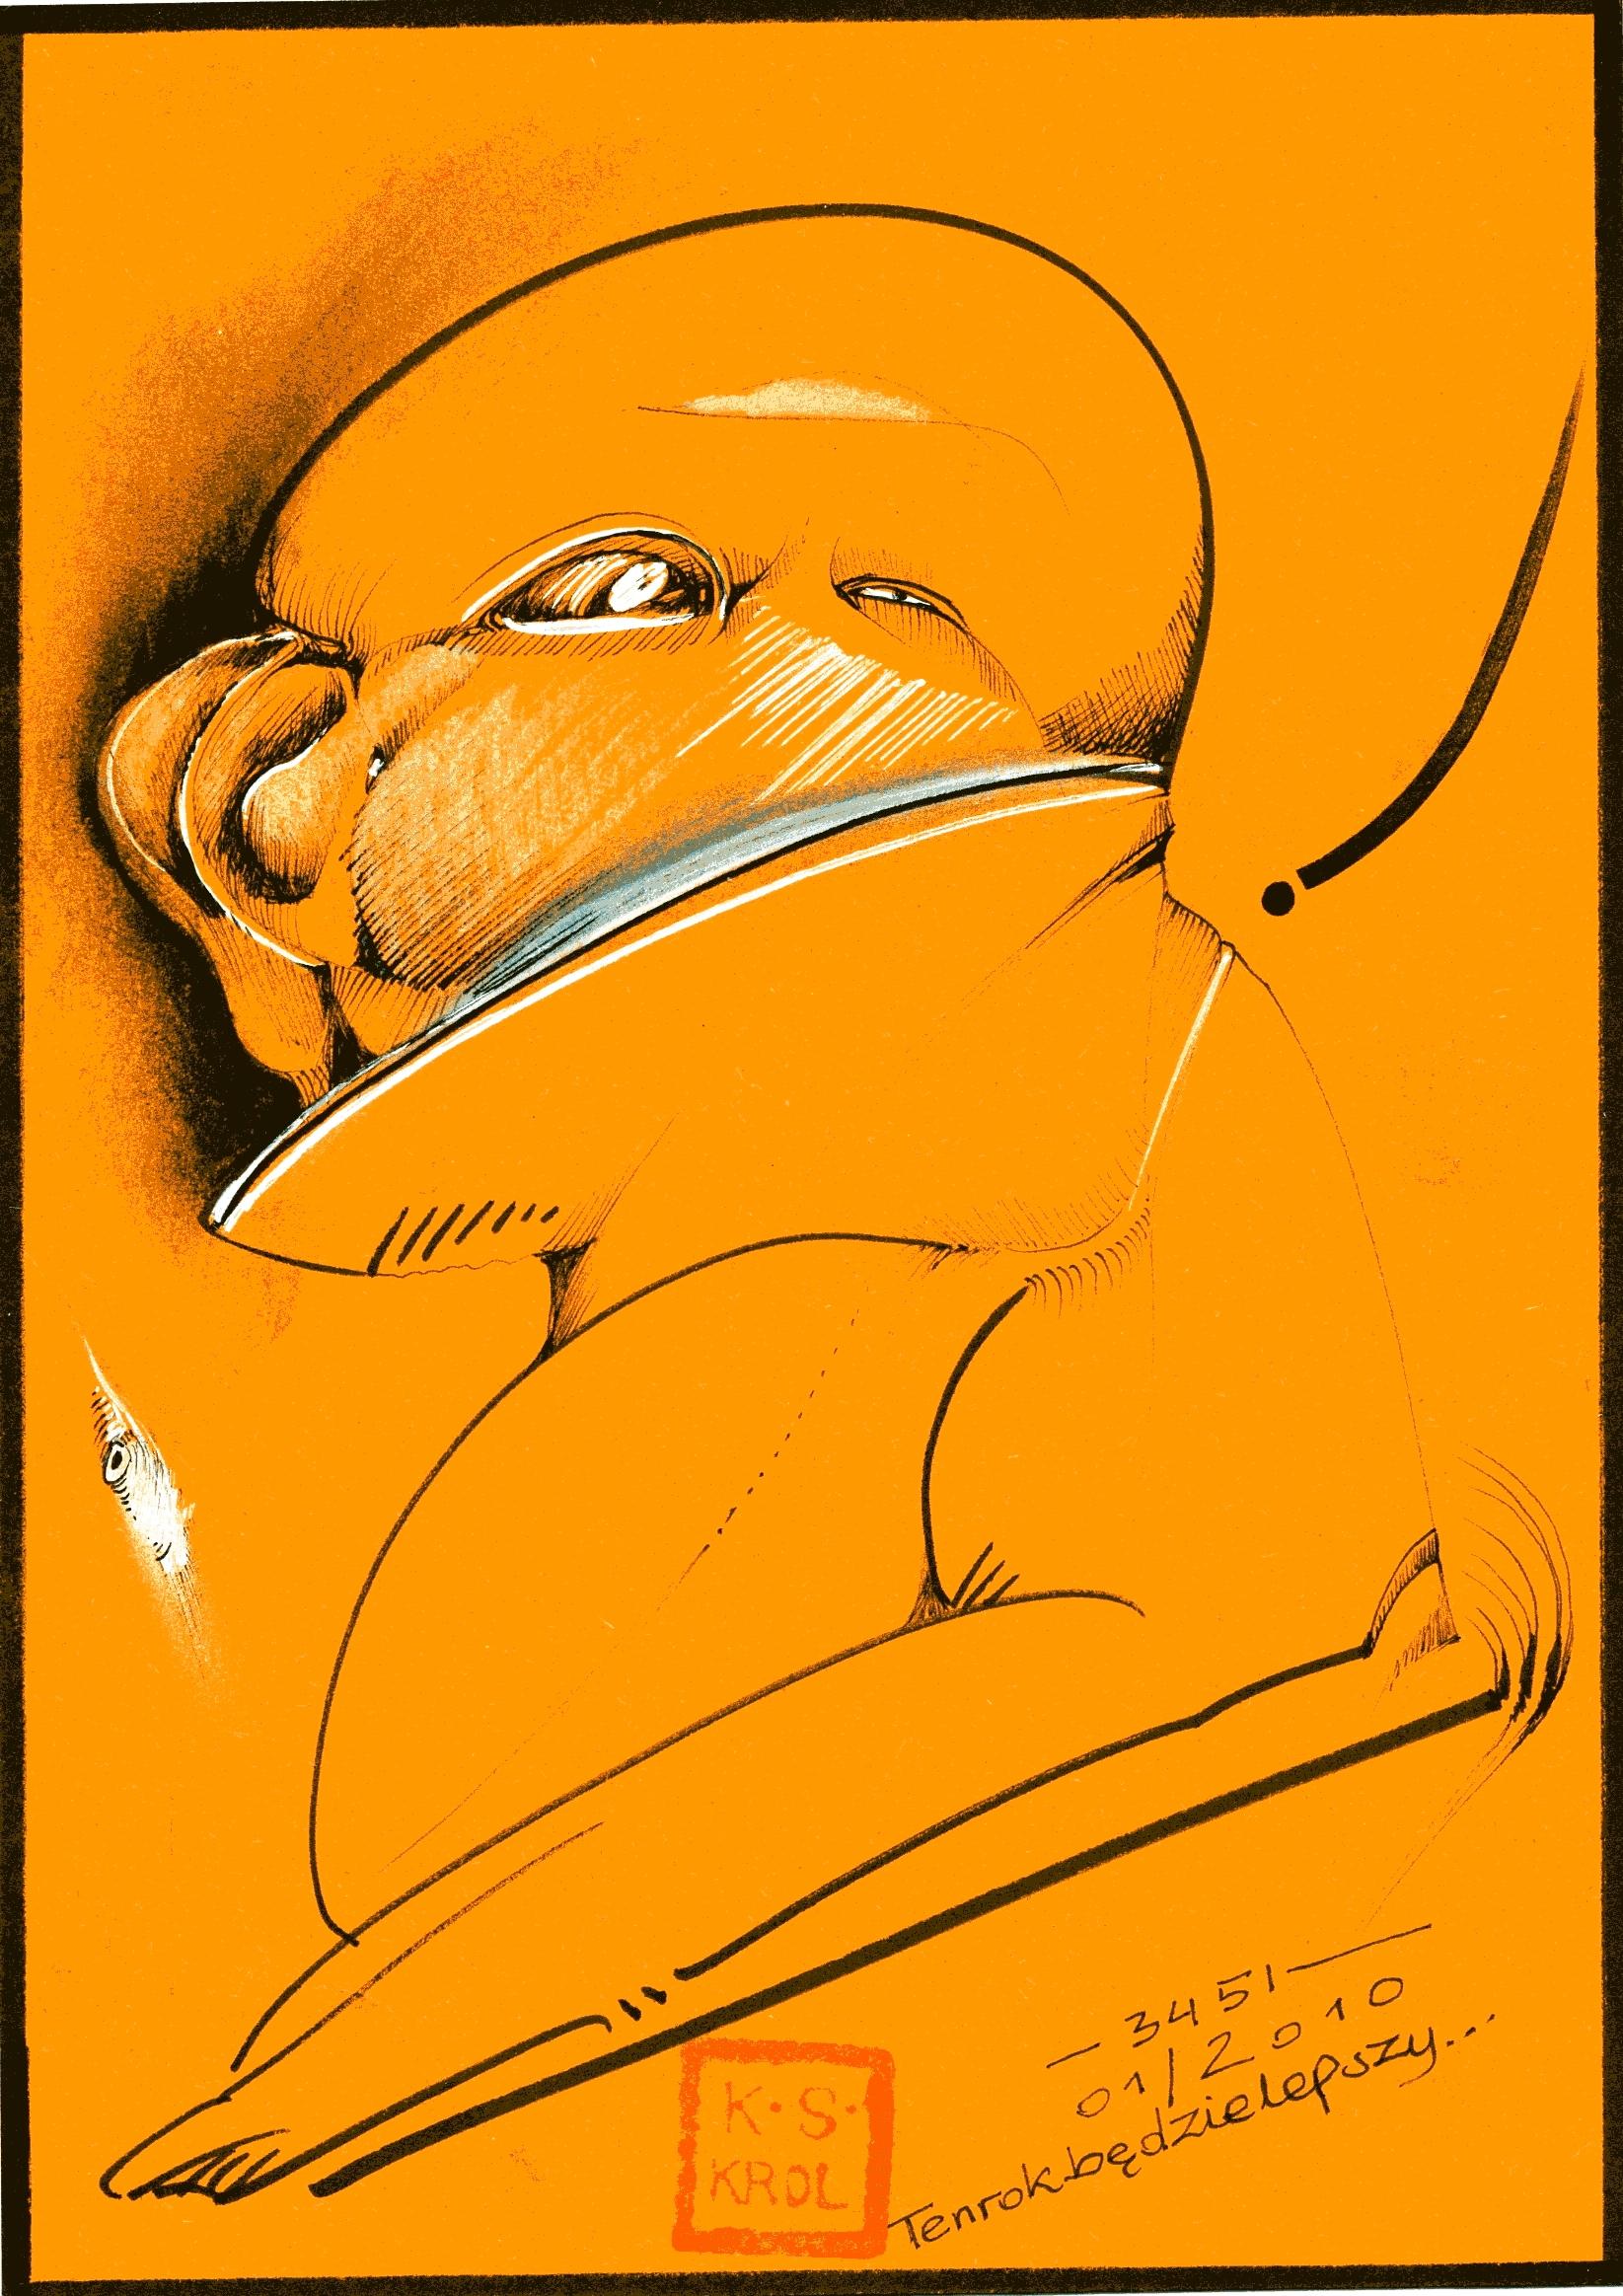 K.S.Król, 3451 Ten rok będzie lepszy, tusz, 18x15 cm, 2010